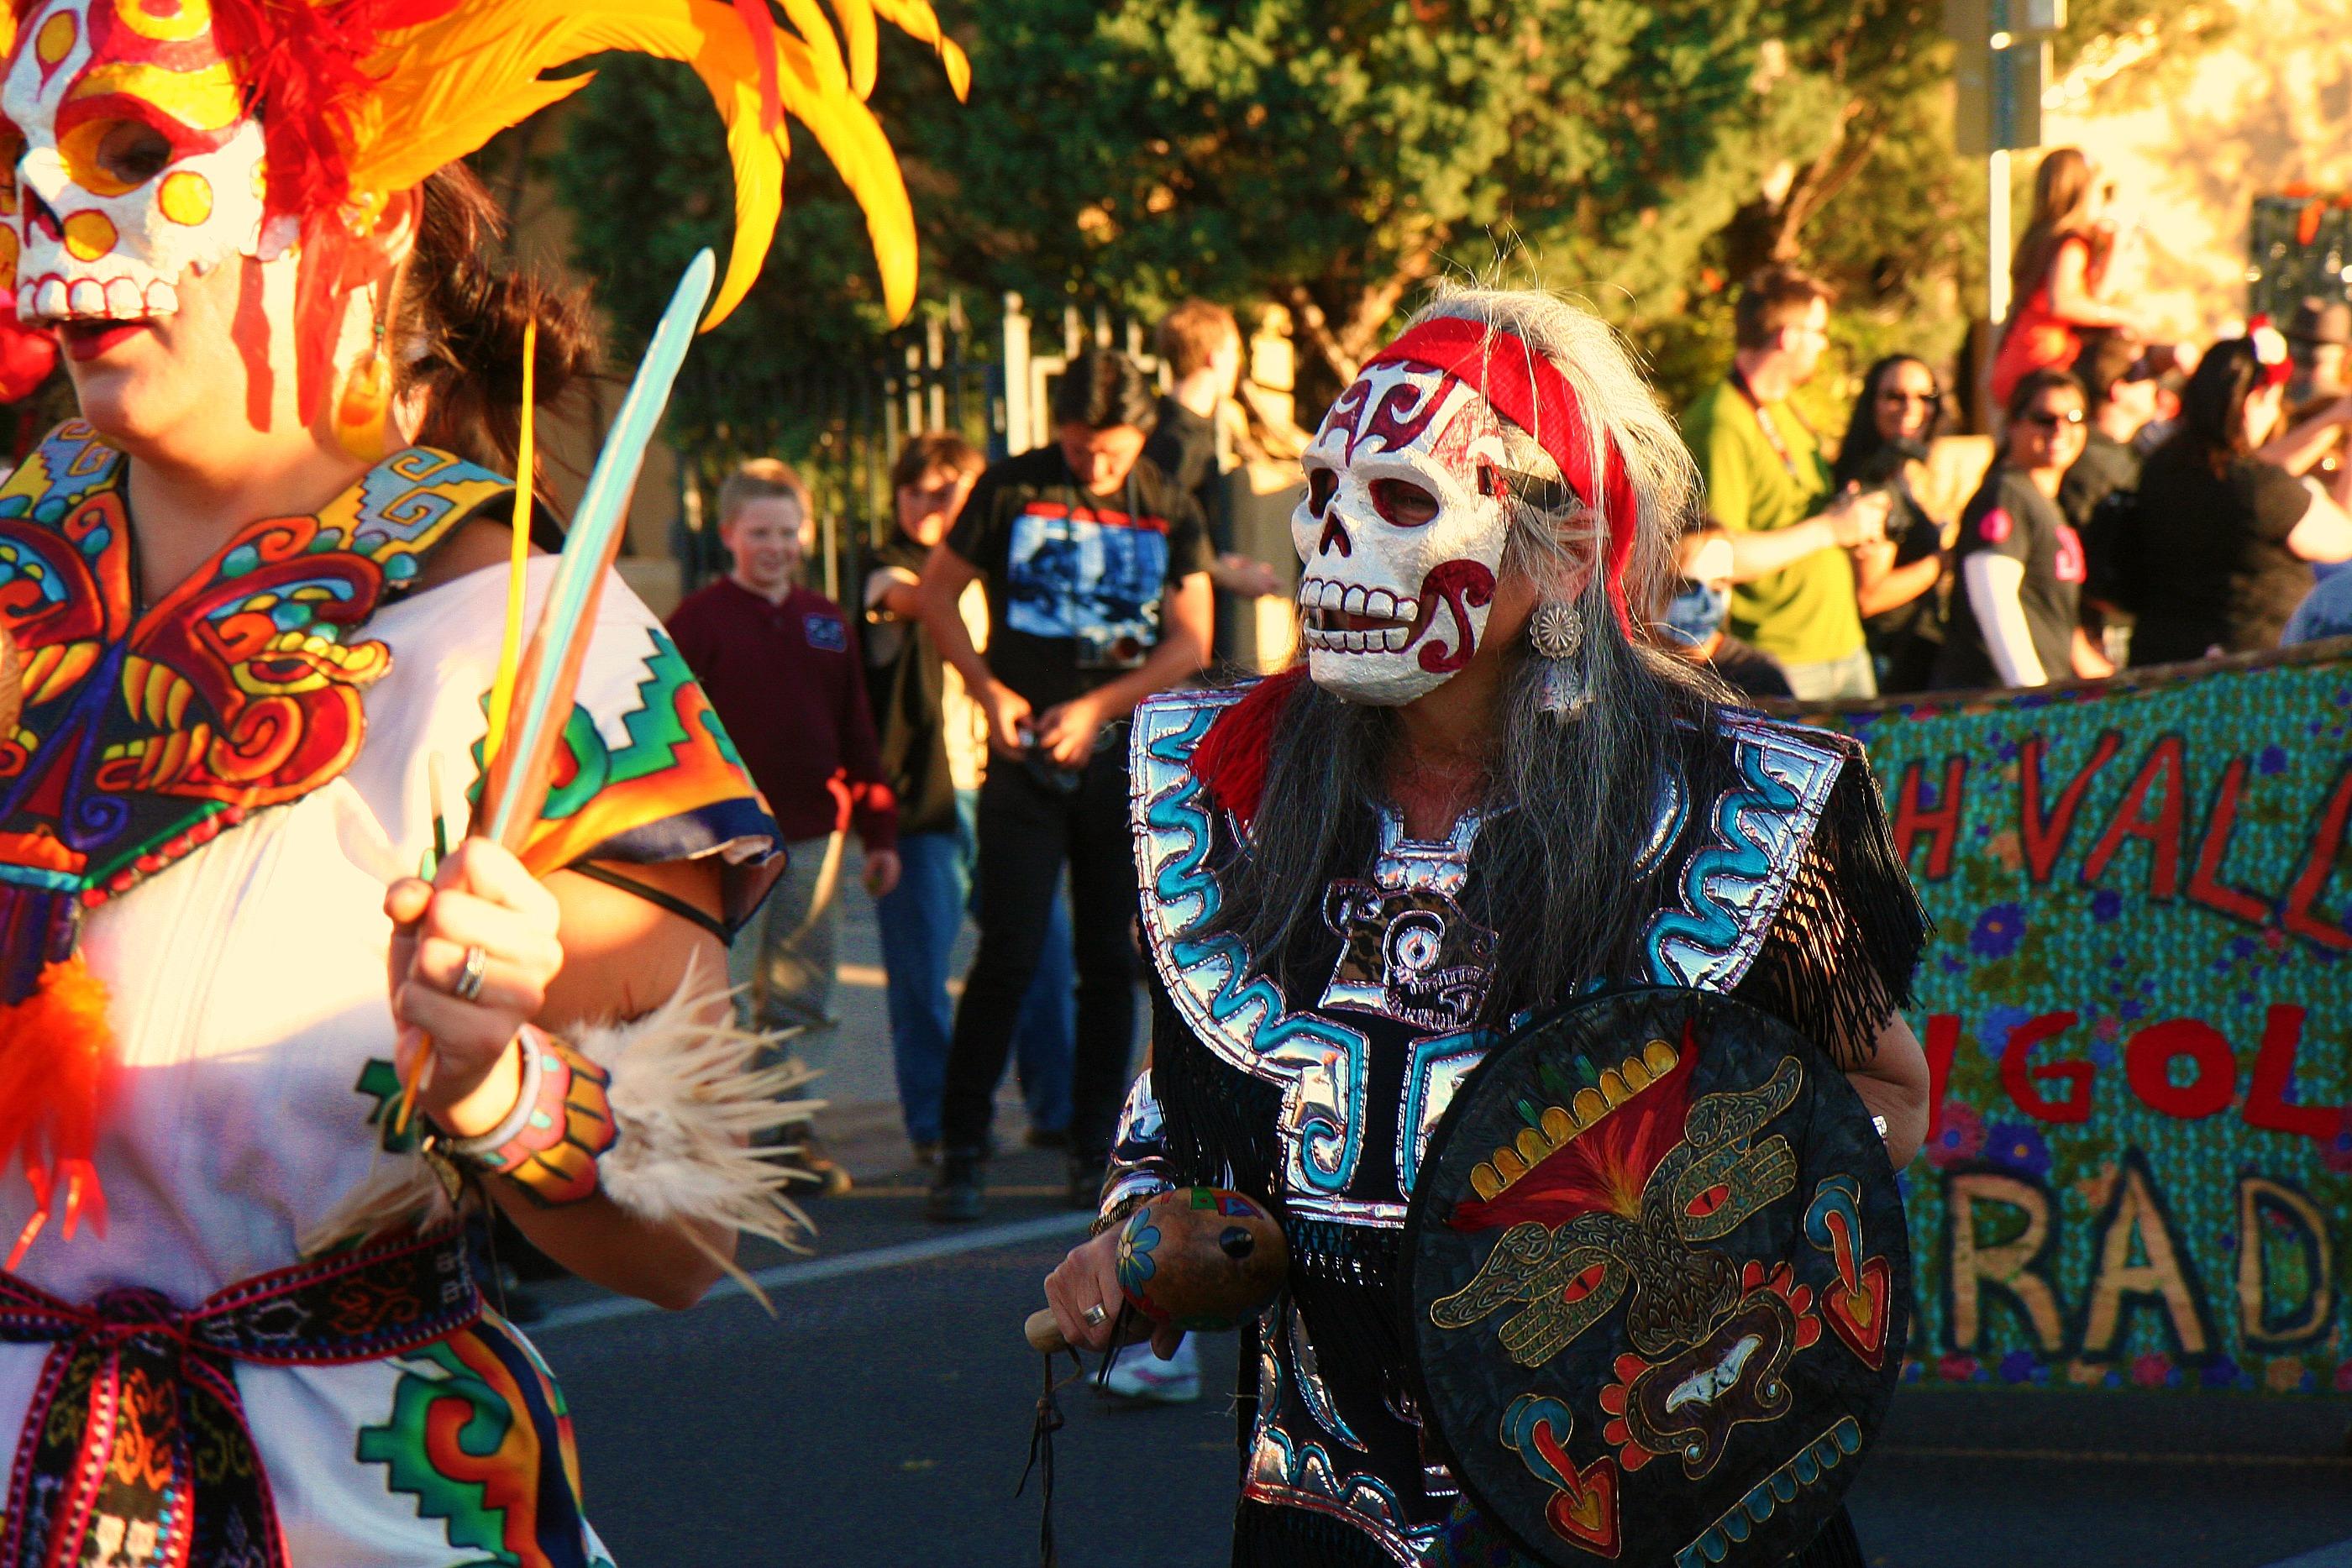 Los dias de los muertos is a mexican custom that celebrates loved ones